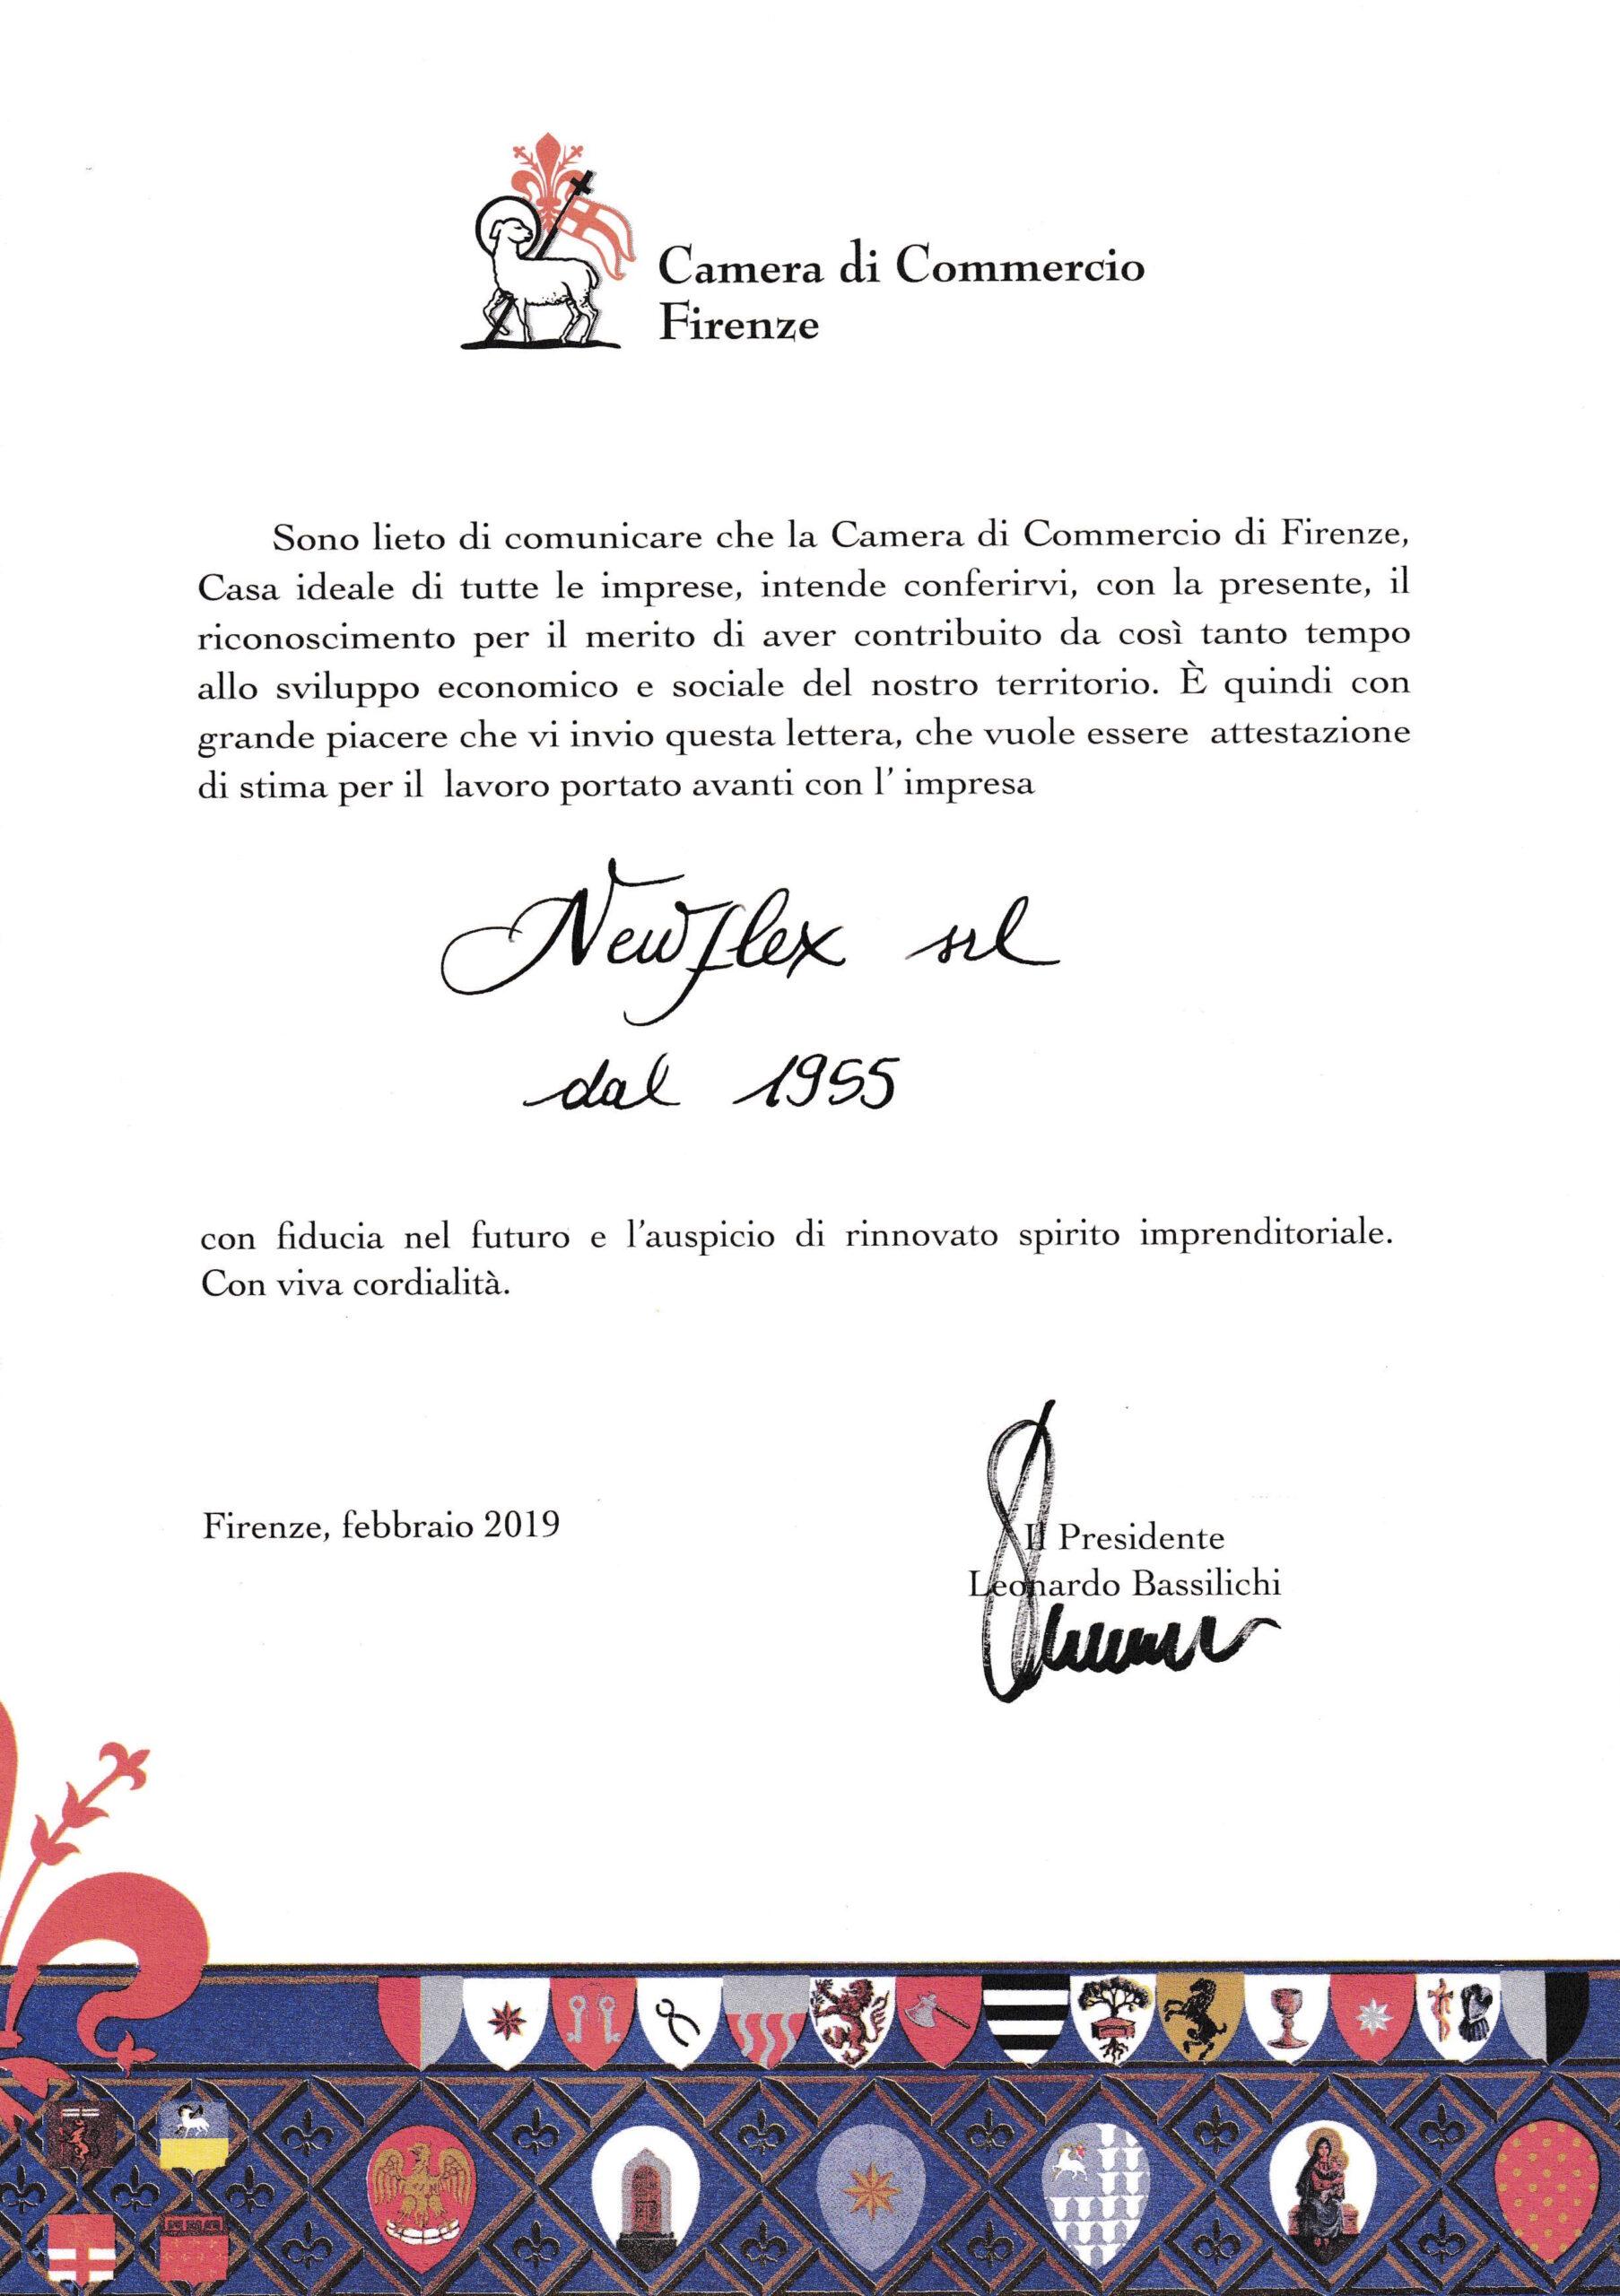 certificato-camera-di-commercio-newflex-dal-1955-tradizione